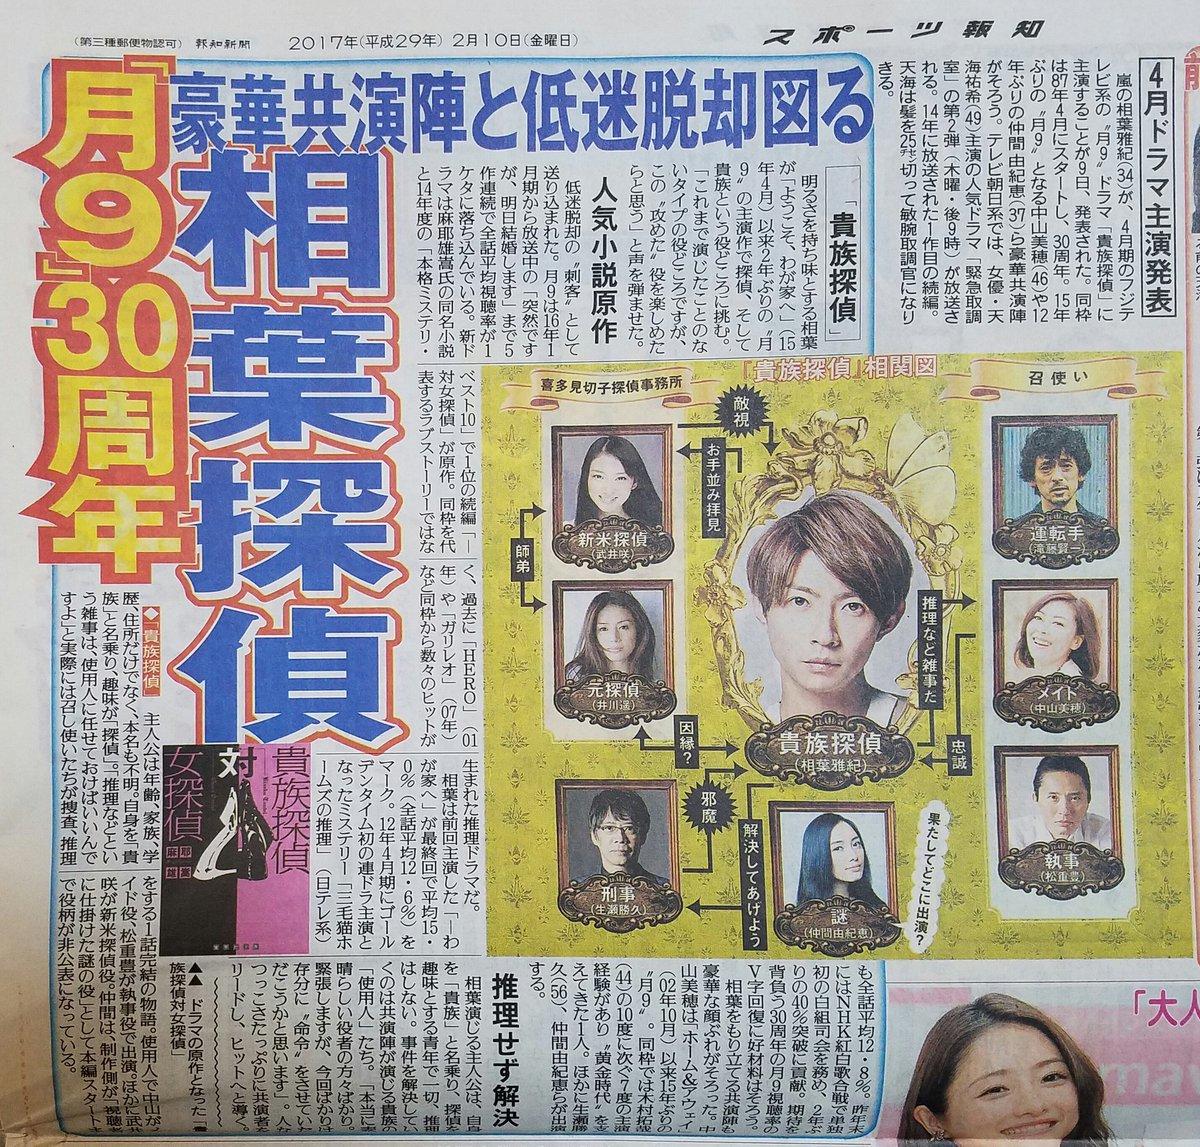 4月期のフジ月9ドラマ「貴族探偵」に相葉雅紀さんが主演。